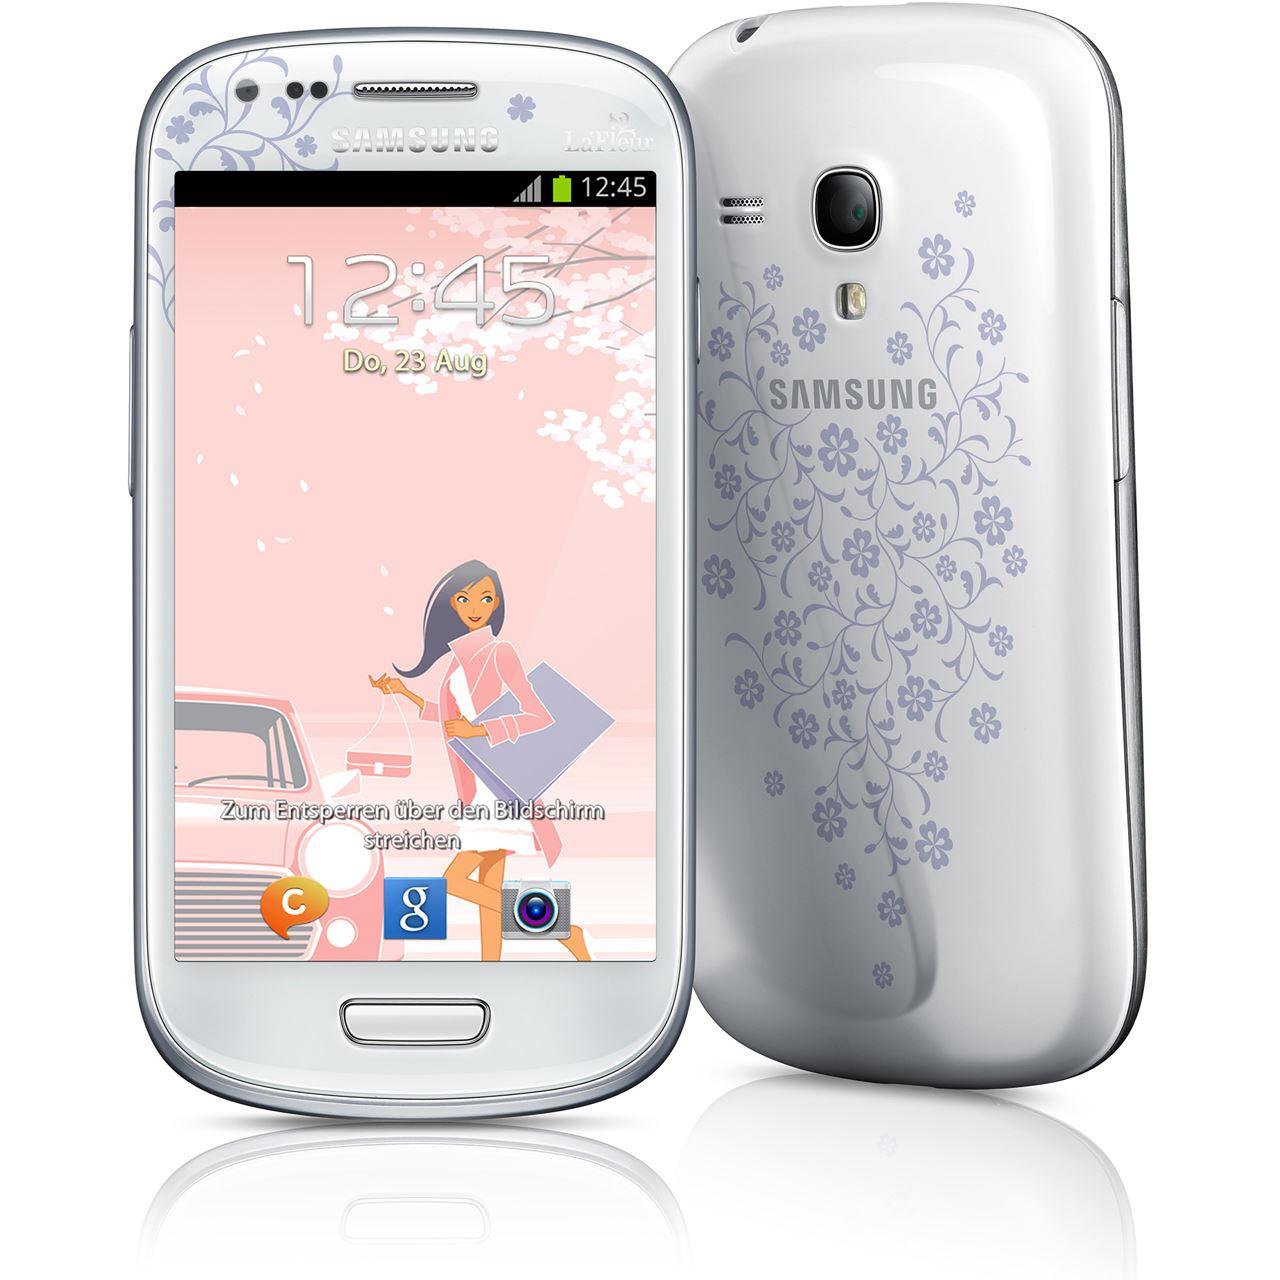 samsung galaxy s3 mini i8190 8 gb la fleur smartphones. Black Bedroom Furniture Sets. Home Design Ideas